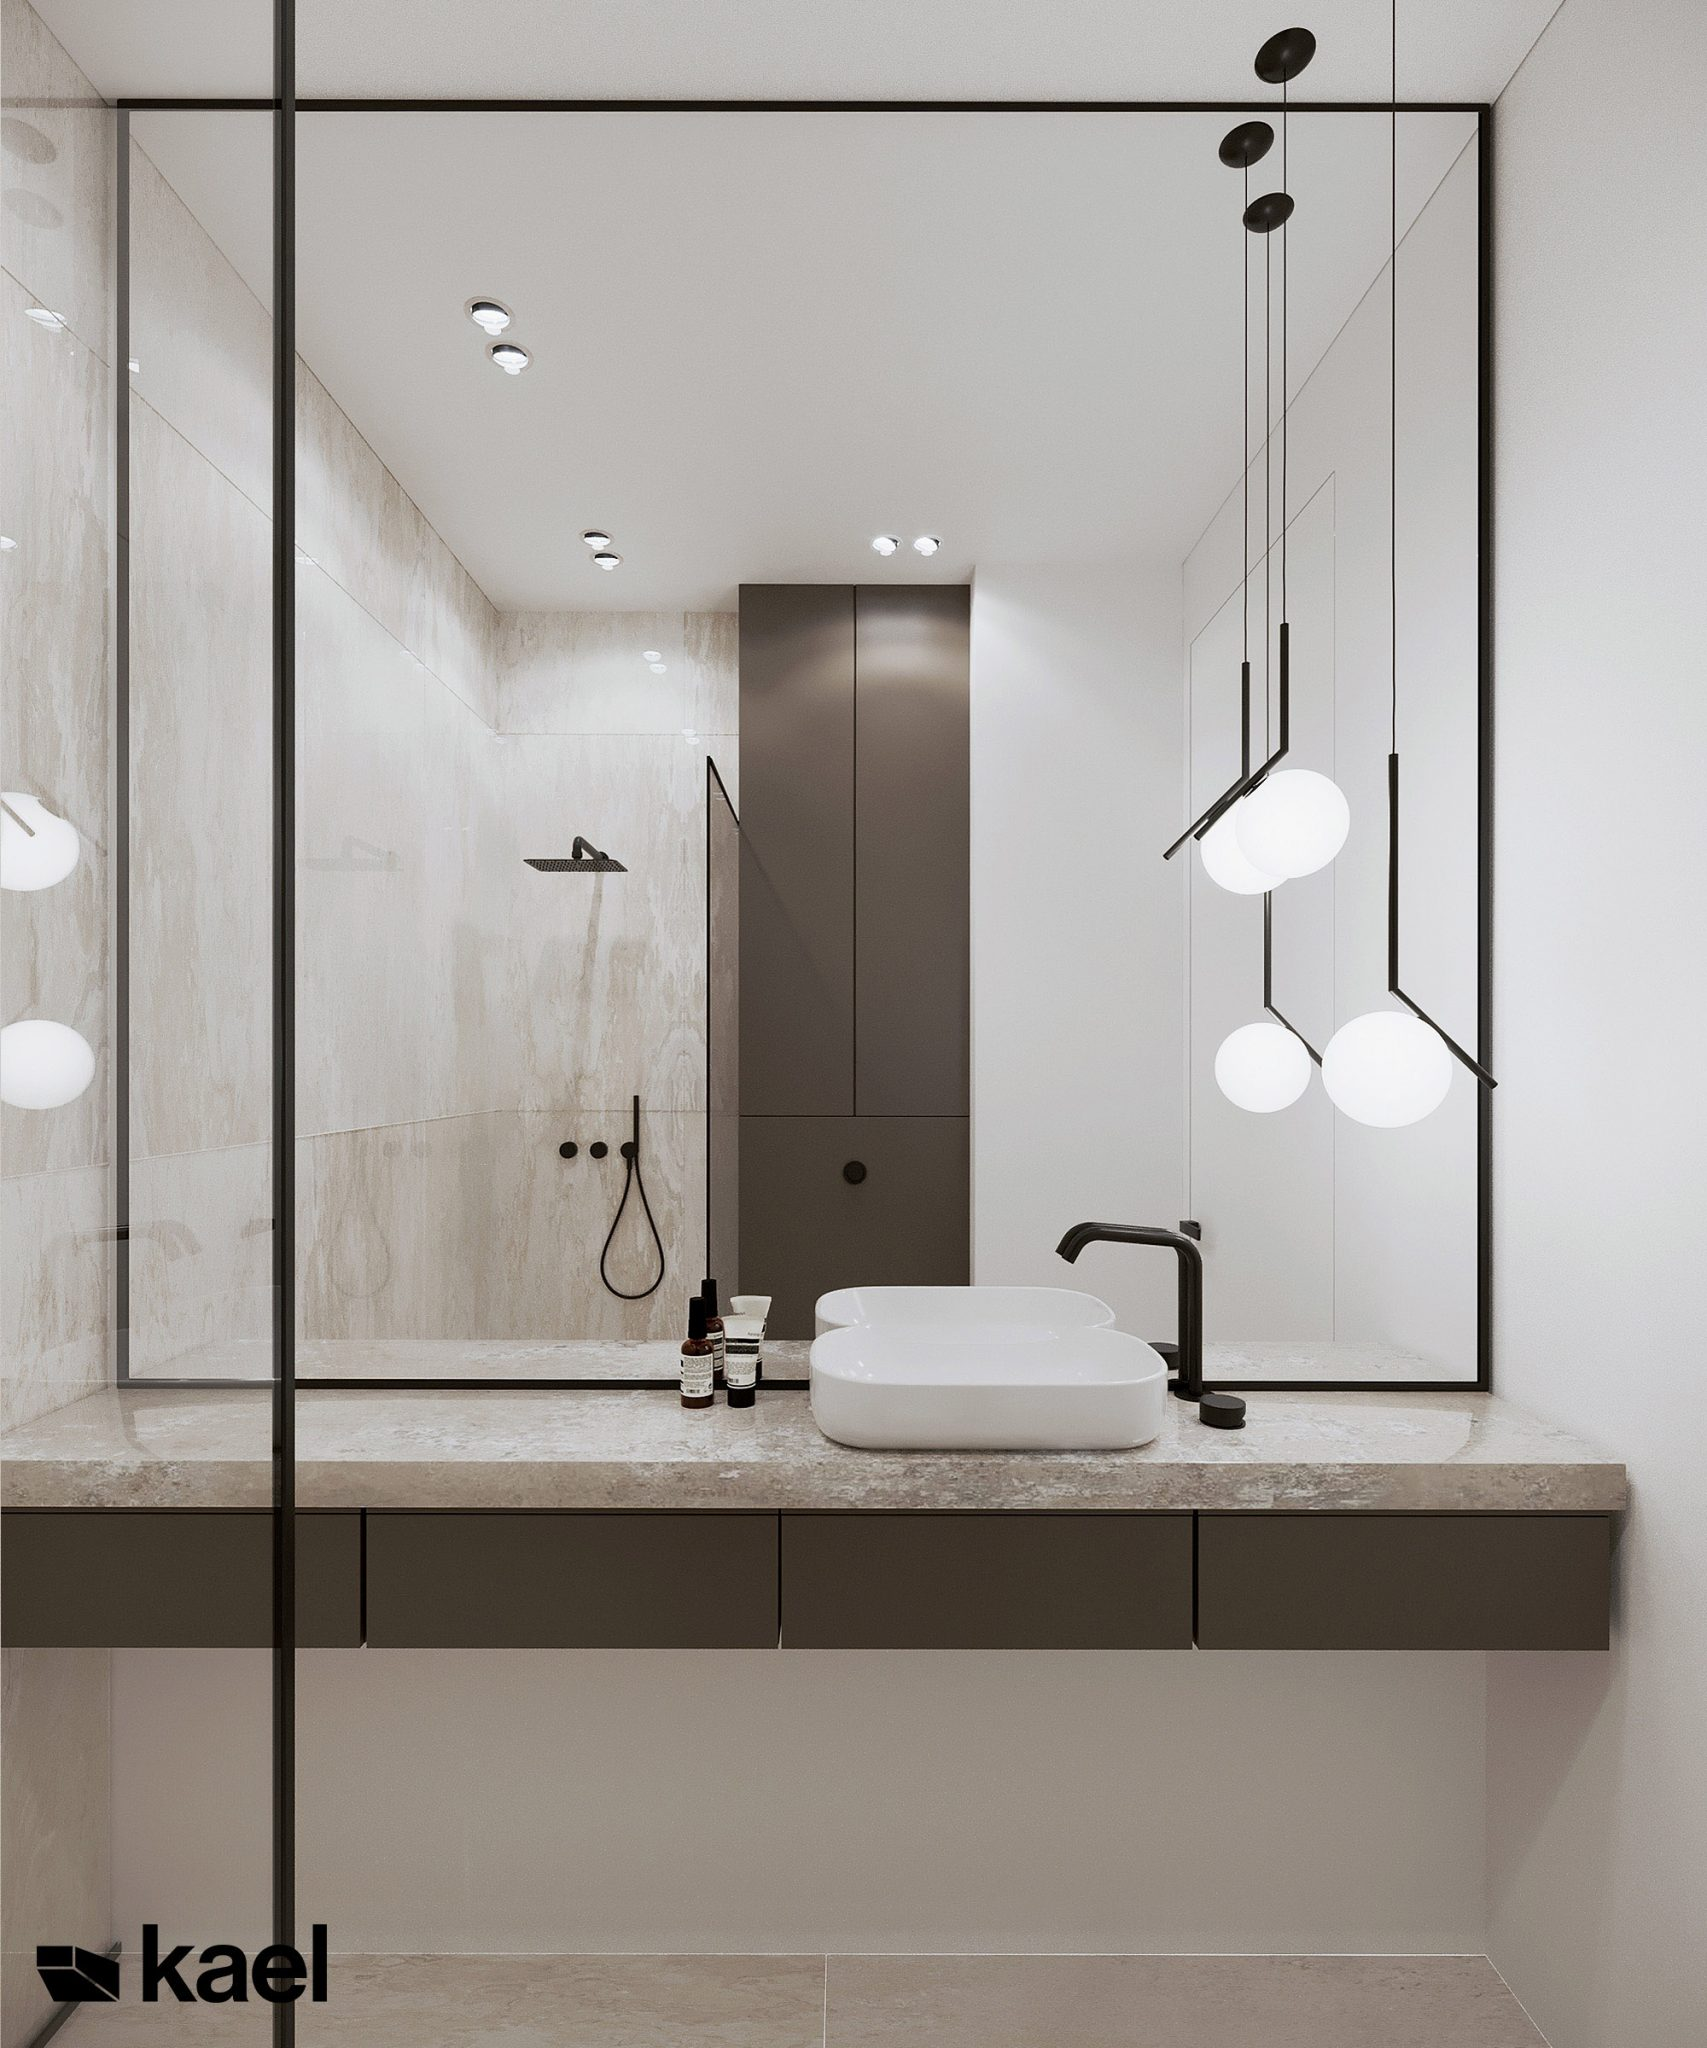 Lustro w łazience, umywalka - Kieślowskiego